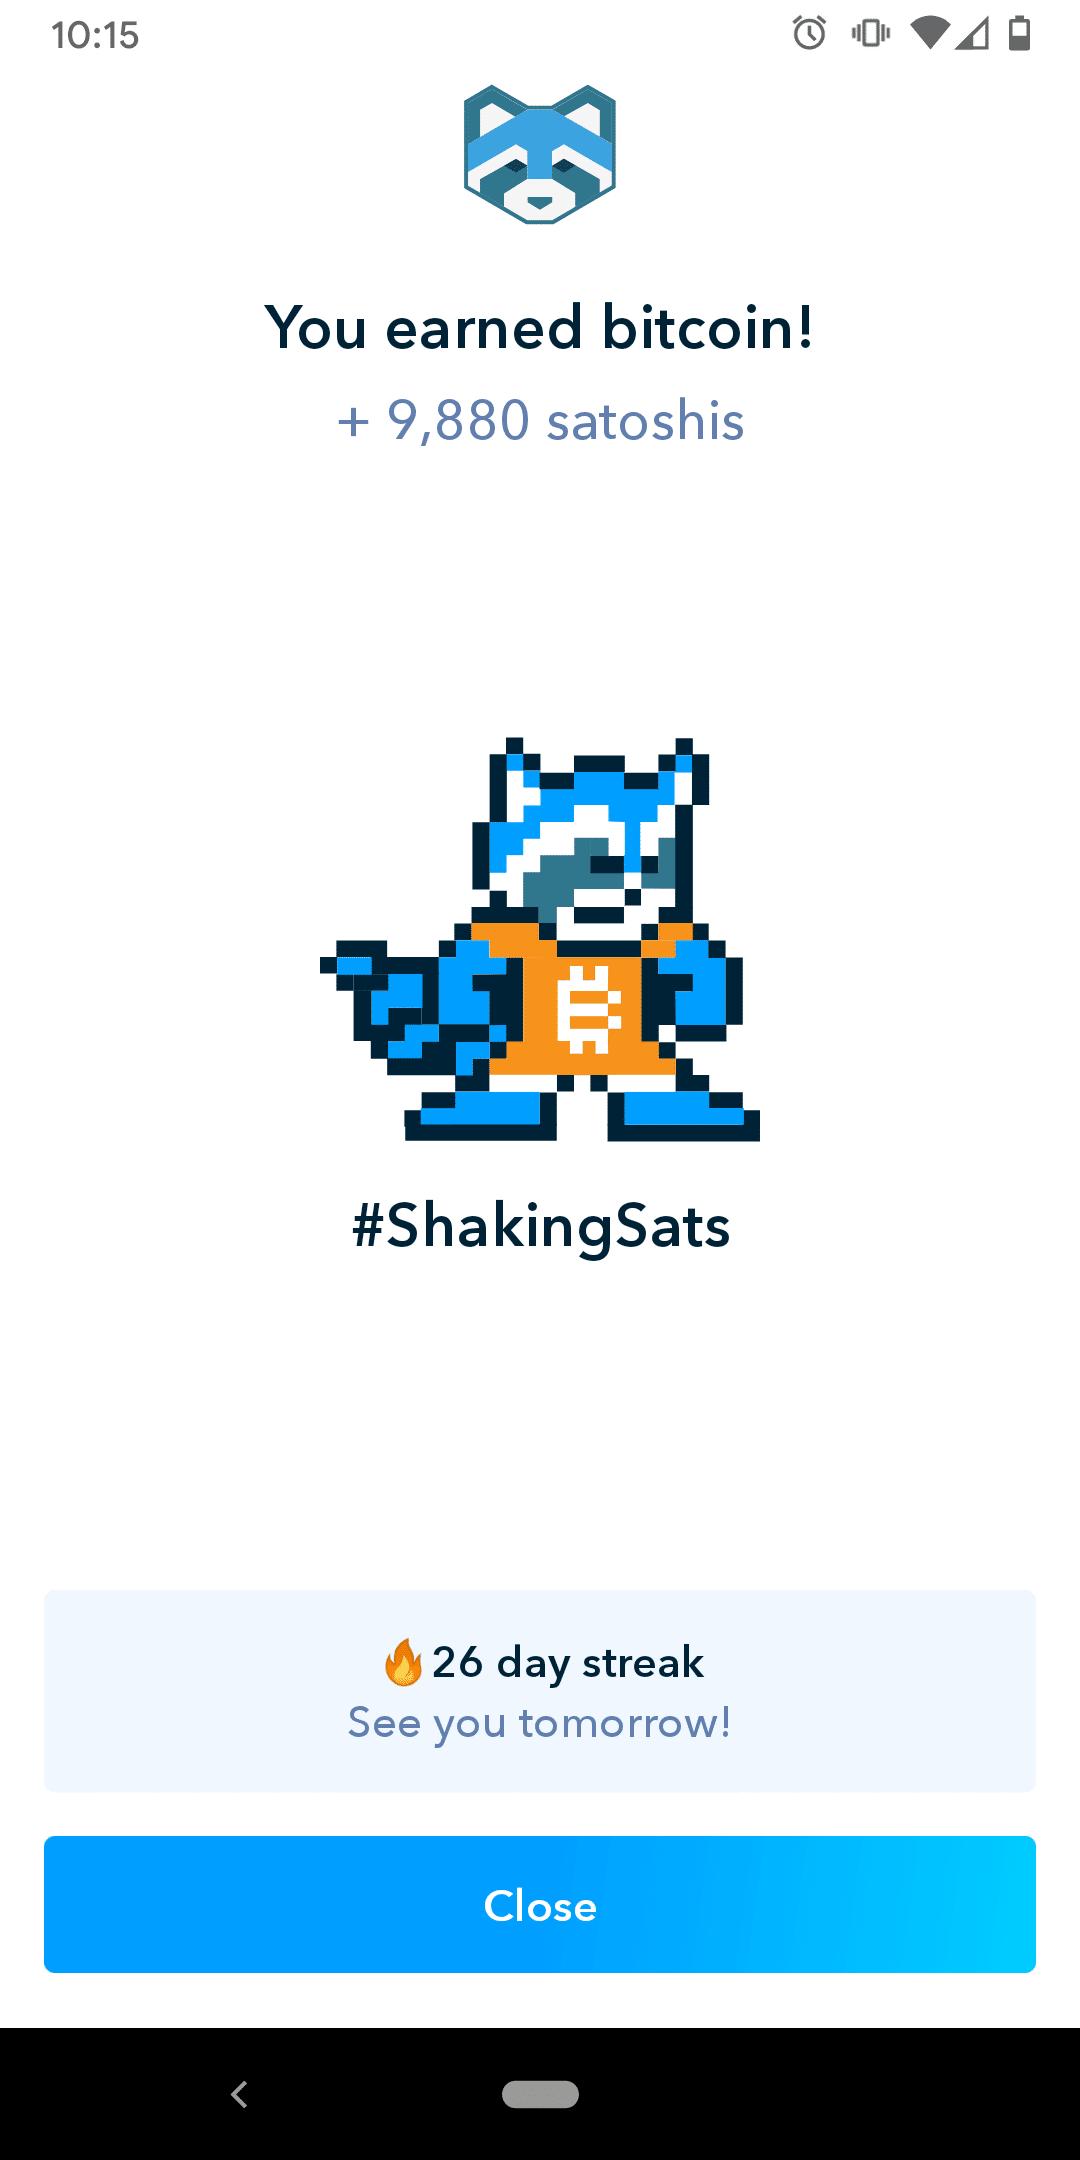 Shaking Sats